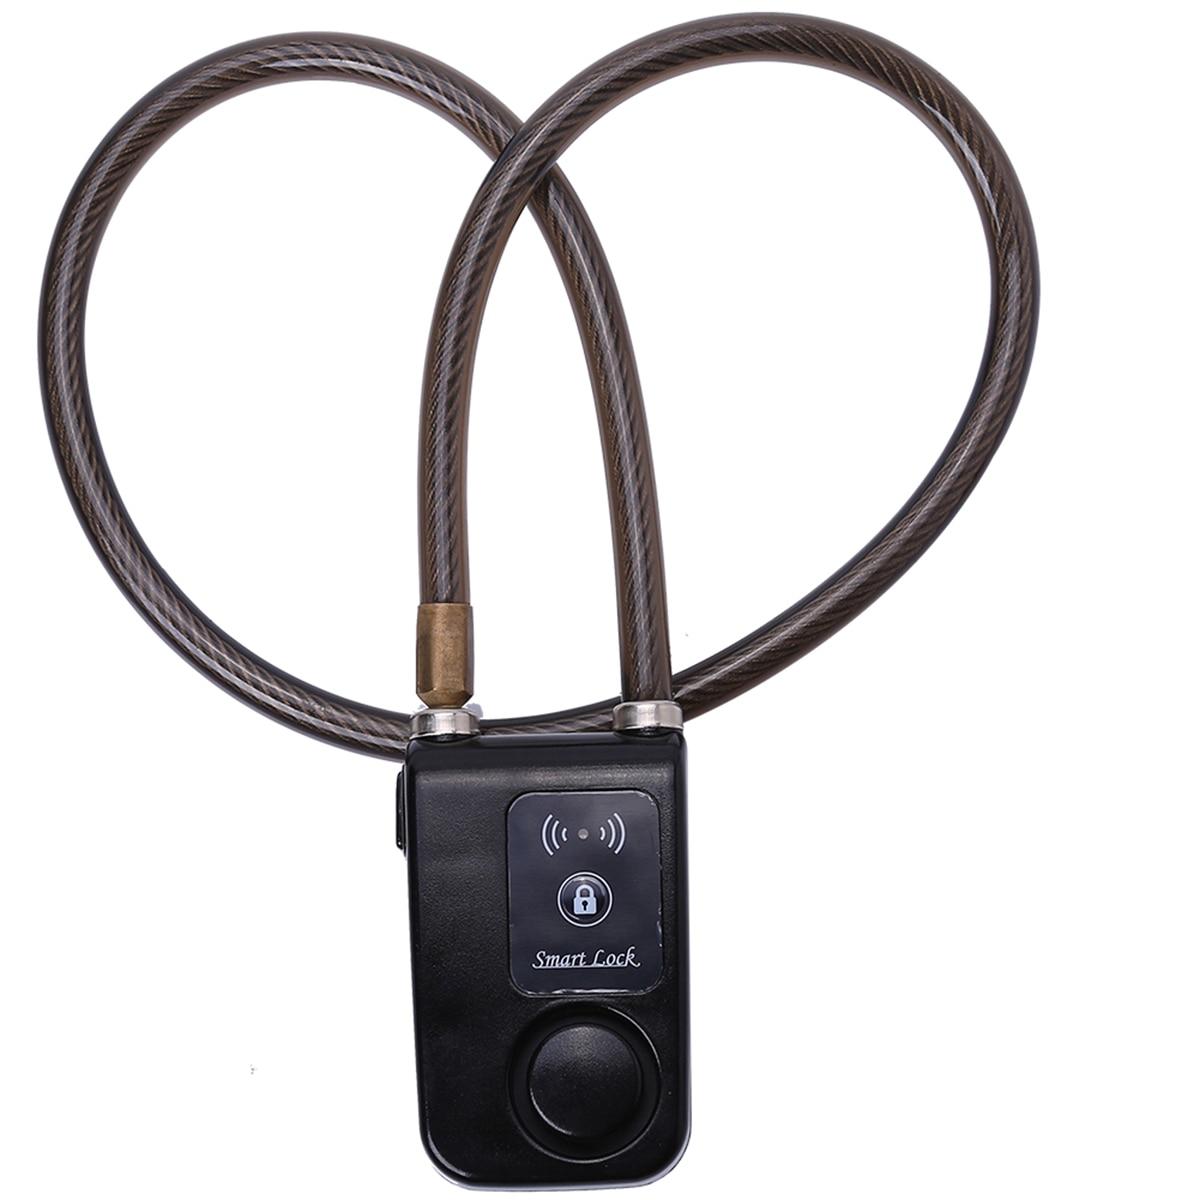 Приложение Управление умный замок Противоугонная цепь сигнализации замок с 105dB сигнализации умный Bluetooth замок для велосипеда сигнализации ...